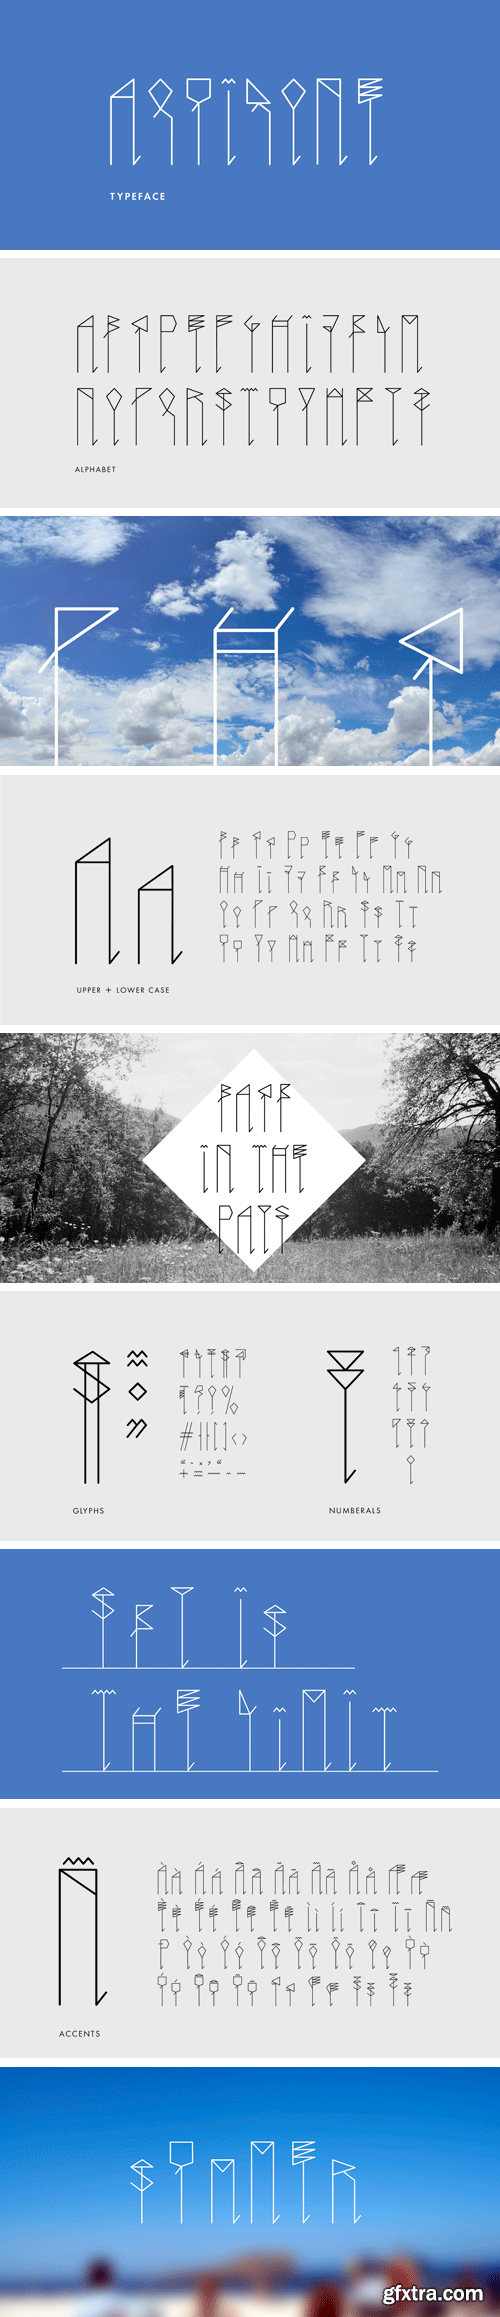 Aquilone Typeface